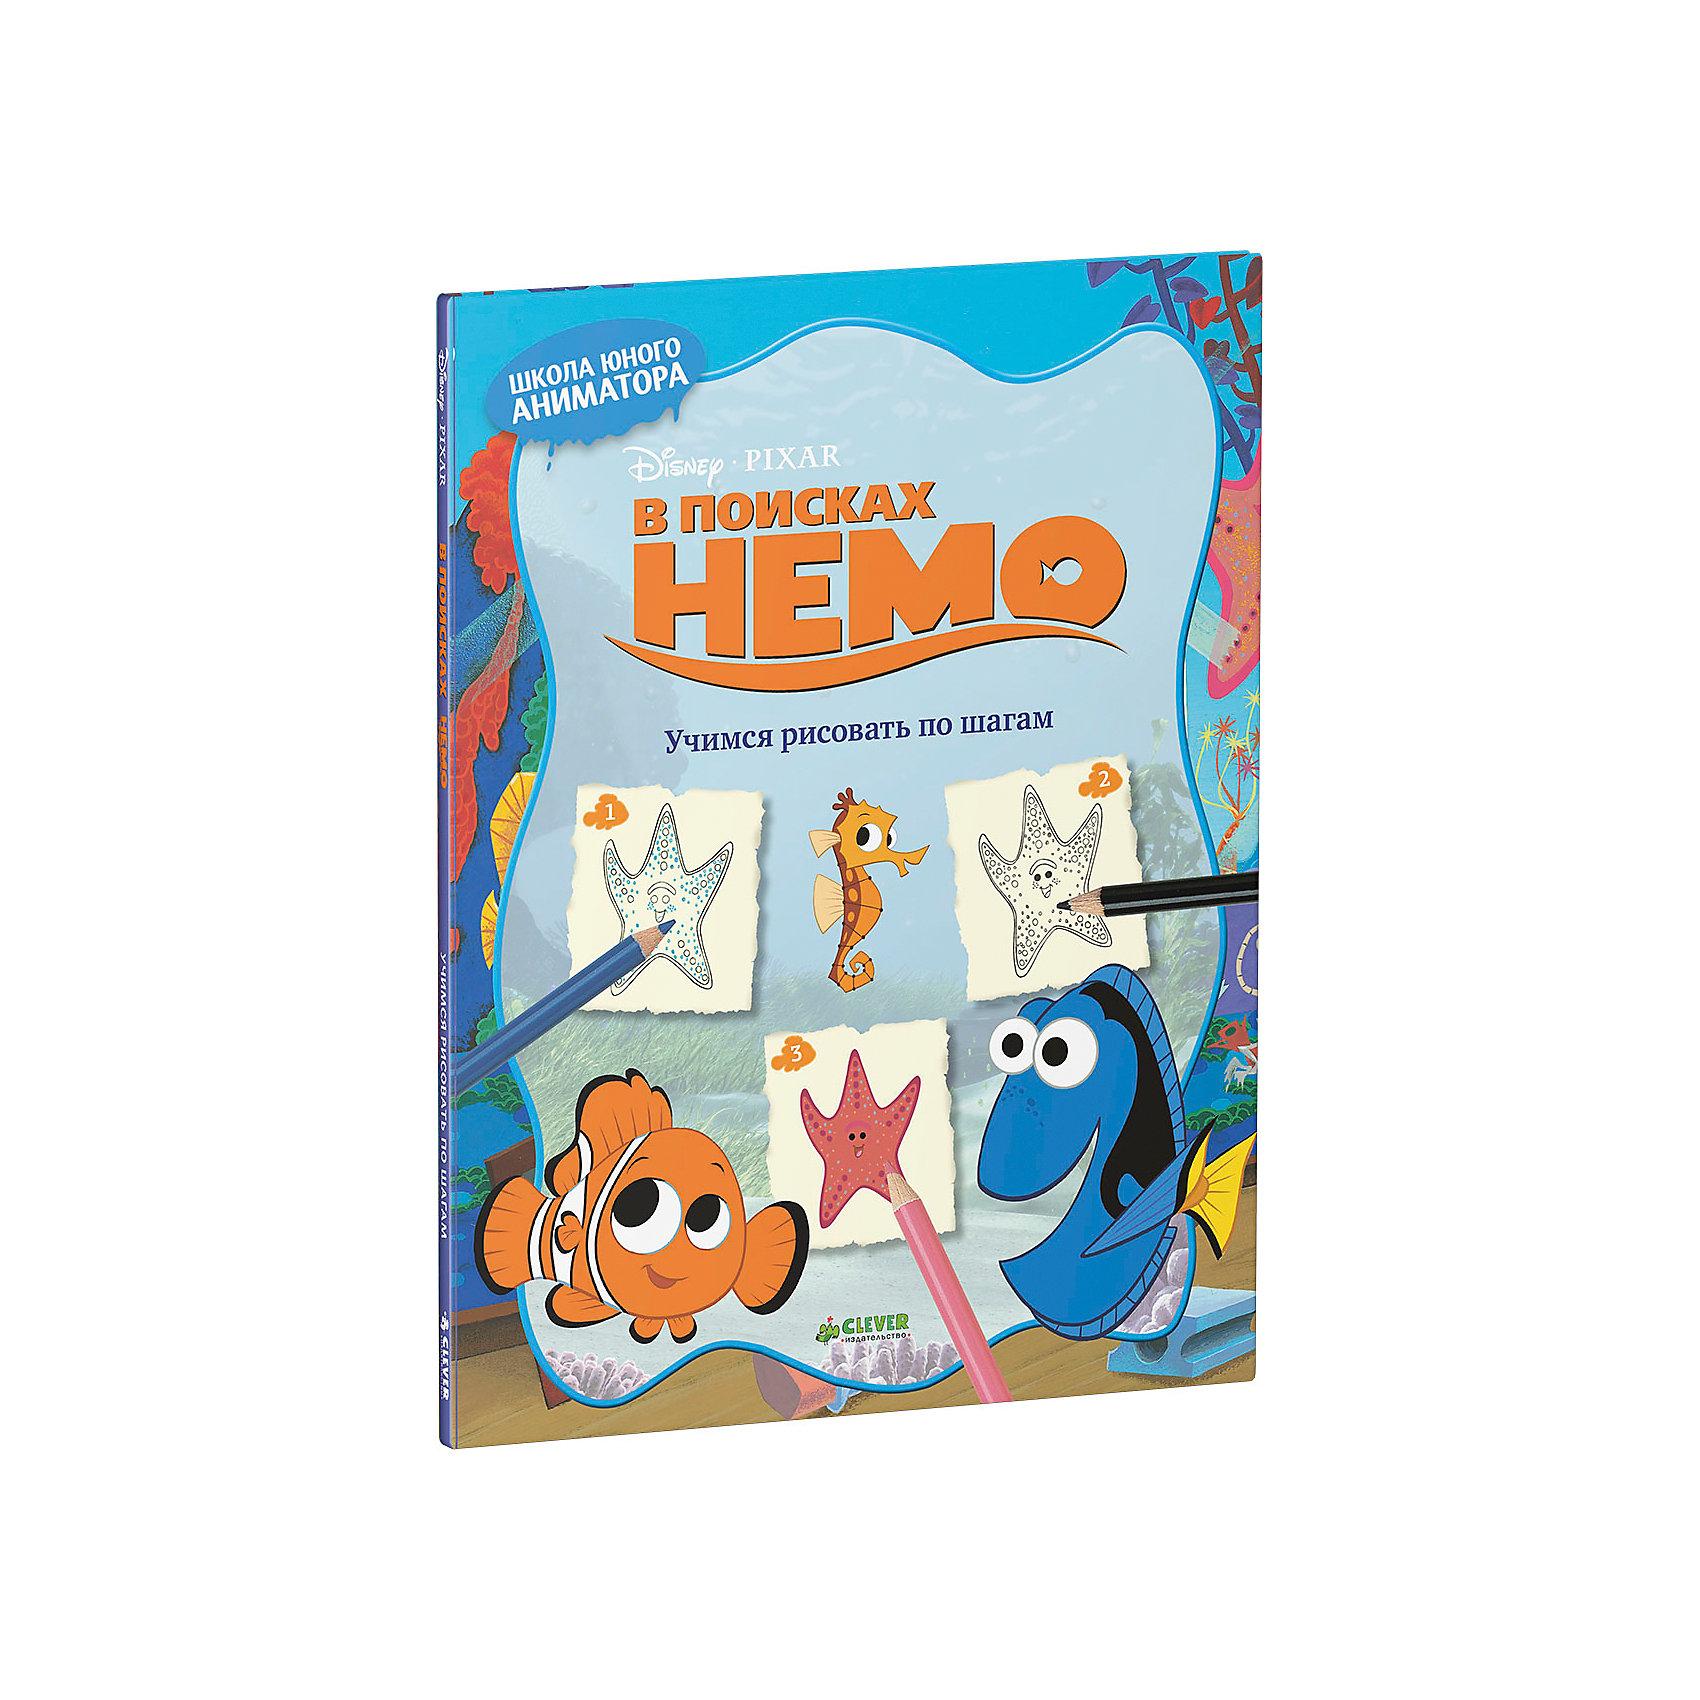 Учимся рисовать по шагам В поисках НемоCLEVER (КЛЕВЕР)<br>Чудесная книга-рисовалка В поисках Немо откроет Вам все секреты художников-аниматоров волшебного мира Disney и Disney/Pixar. Следуя простым и понятным пошаговым инструкциям, Вы с лёгкостью научитесь рисовать своих любимых героев - проказника Немо, его заботливого папу Марлина, смешную рыбку Дори, а также обитателей аквариума - добряка Жабра, пугливого Пузыря, забавных Булька и Грота и многих других. Подробная инструкция и схемы рисования помогут с успехом выполнить задуманное. Альбом прекрасно развивает фантазию и воображение, внимание, усидчивость и мелкую моторику.<br><br>Дополнительная информация:<br><br>- Серия: Disney. Учимся рисовать.  <br>- Переплет: мягкая обложка.<br>- Иллюстрации: черно-белые + цветные.<br>- Объем: 64 стр. <br>- Размер: 28 x 21,5 x 0,6 см.<br>- Вес: 0,266 кг. <br><br>Книгу Учимся рисовать по шагам В поисках Немо, Клевер Медиа Групп, можно купить в нашем интернет-магазине.<br><br>Ширина мм: 280<br>Глубина мм: 210<br>Высота мм: 8<br>Вес г: 140<br>Возраст от месяцев: 48<br>Возраст до месяцев: 72<br>Пол: Унисекс<br>Возраст: Детский<br>SKU: 4544922